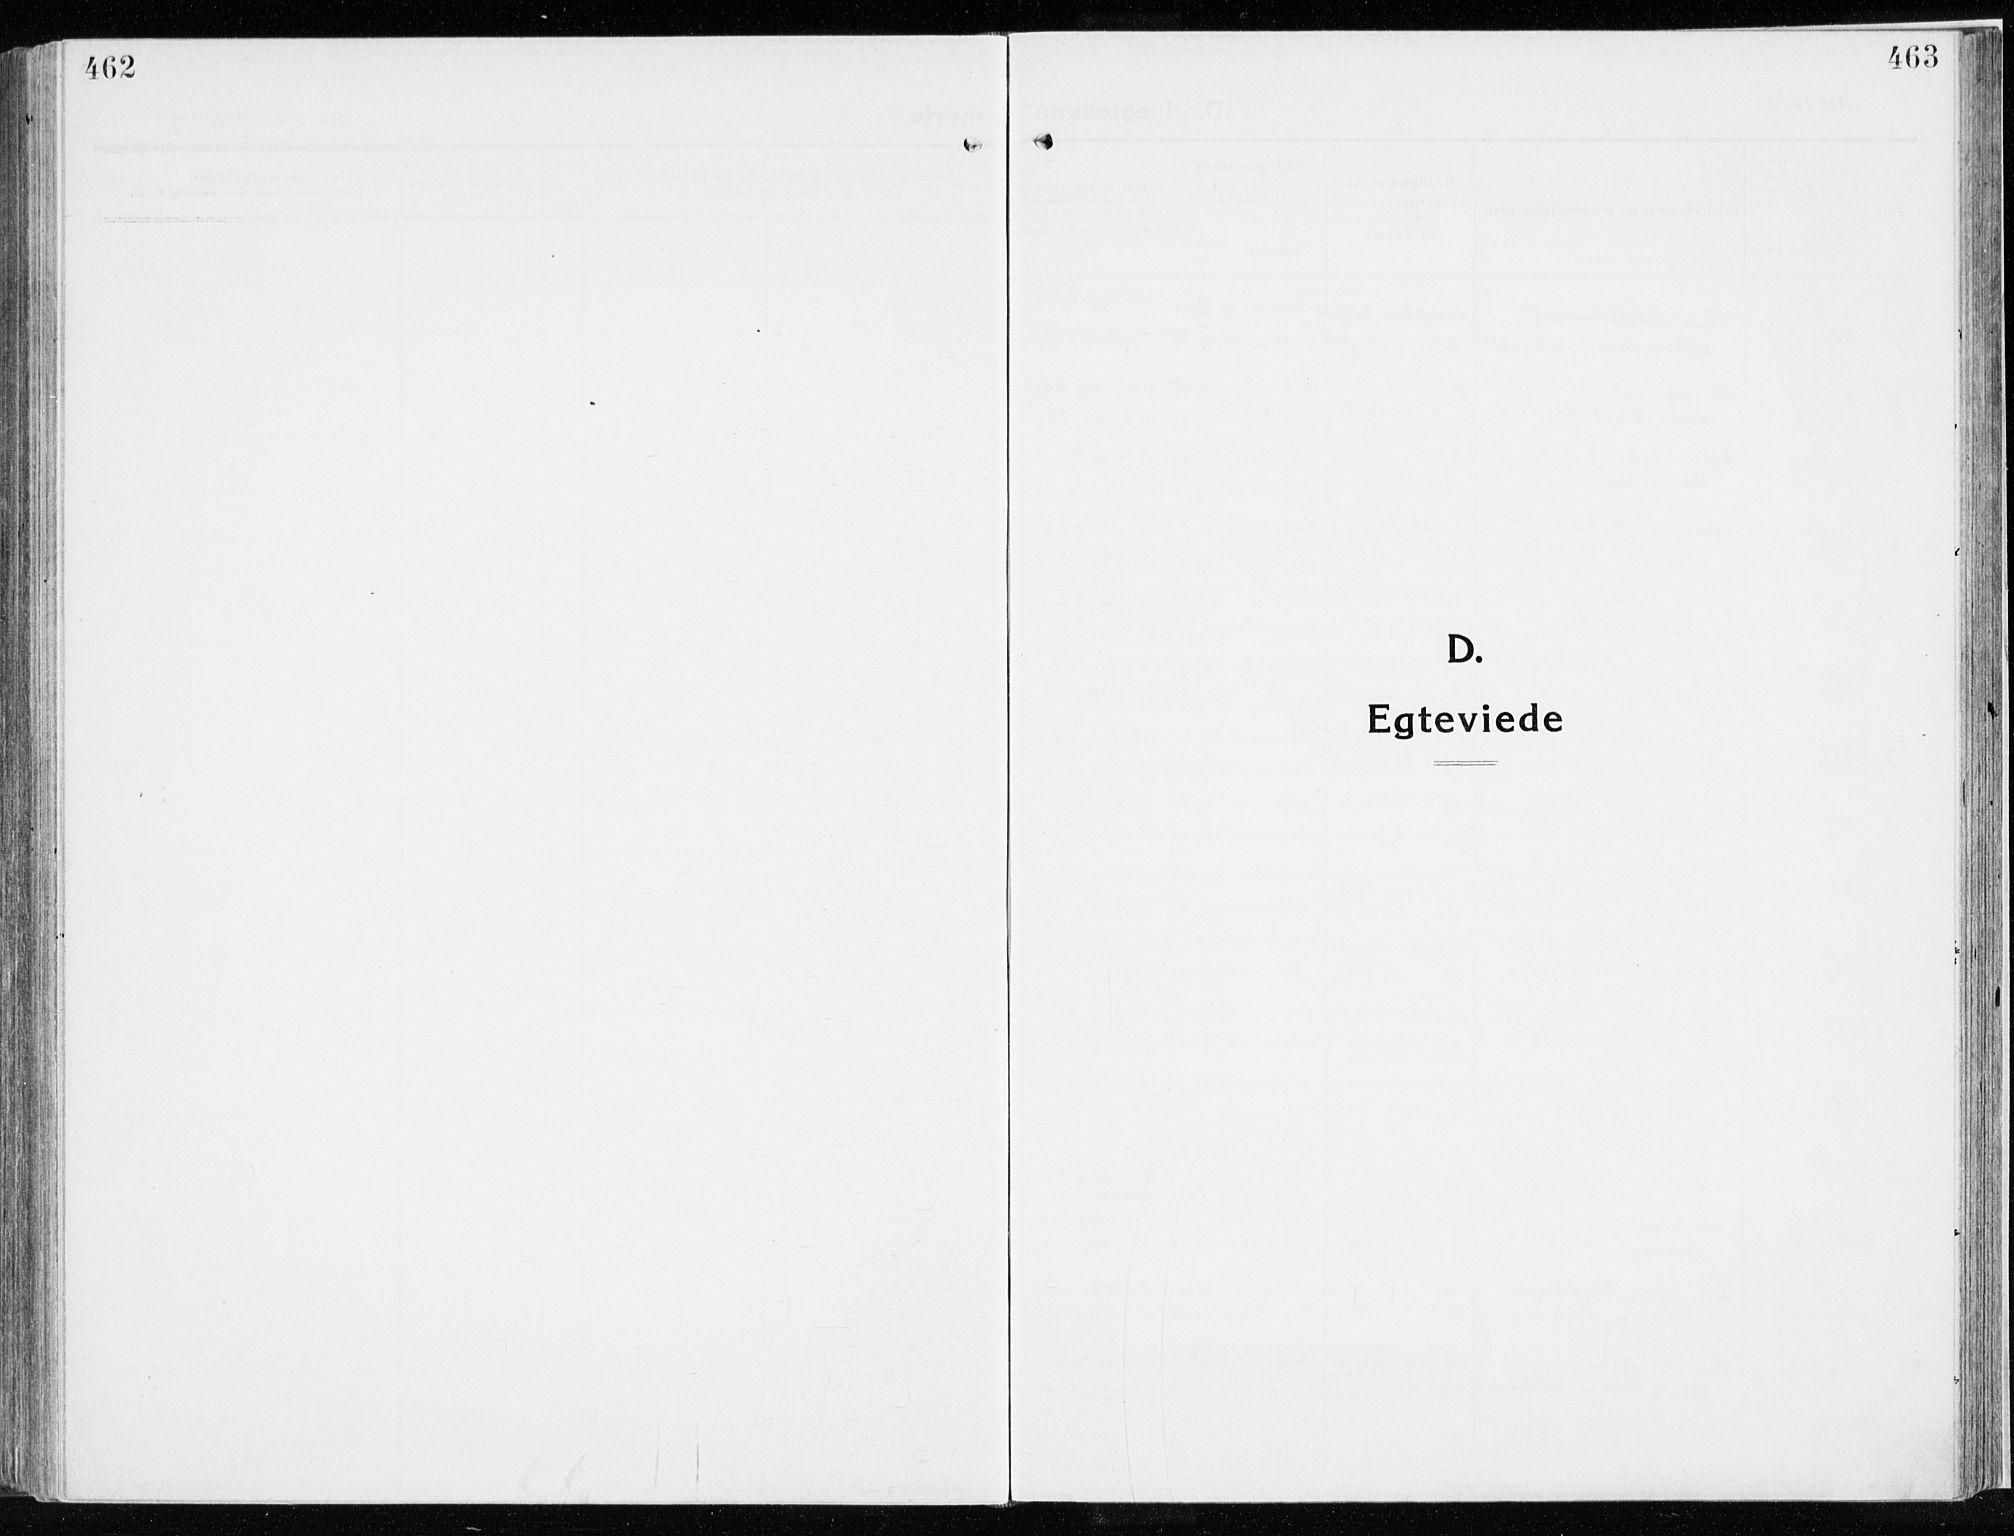 SAH, Ringsaker prestekontor, K/Ka/L0020: Parish register (official) no. 20, 1913-1922, p. 462-463